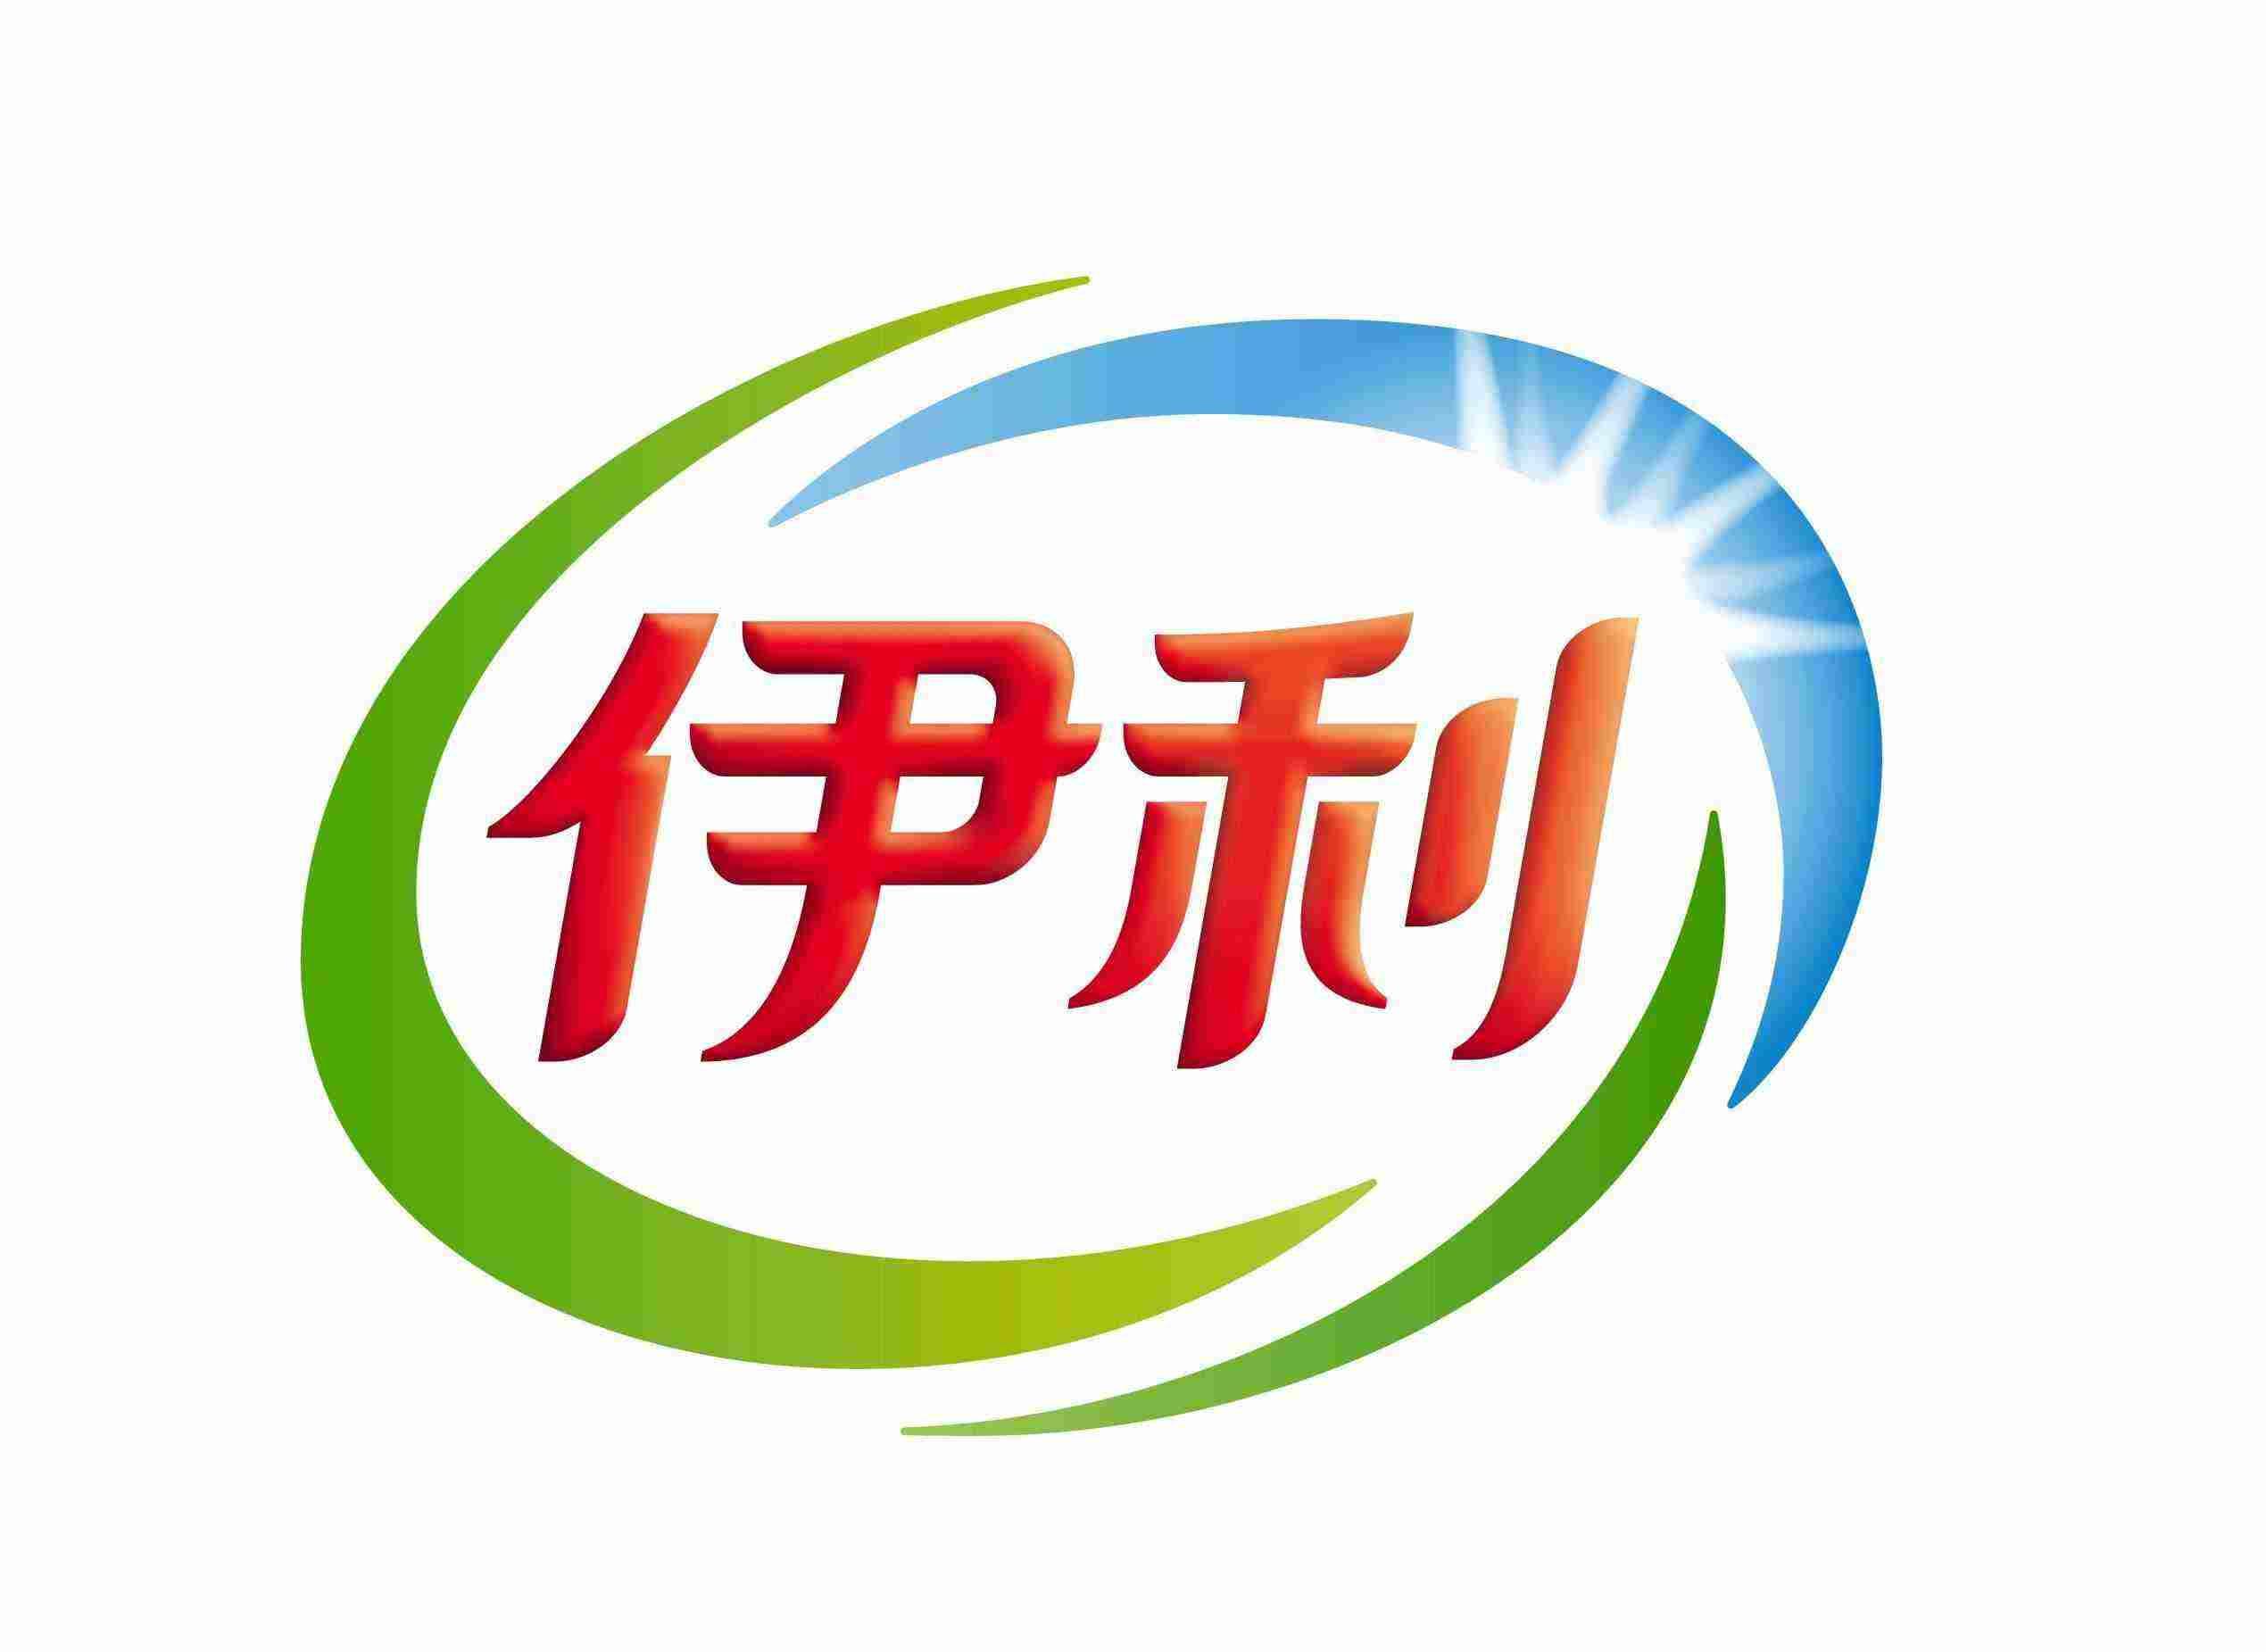 内蒙古伊利实业集团股份有限公司原奶事业部